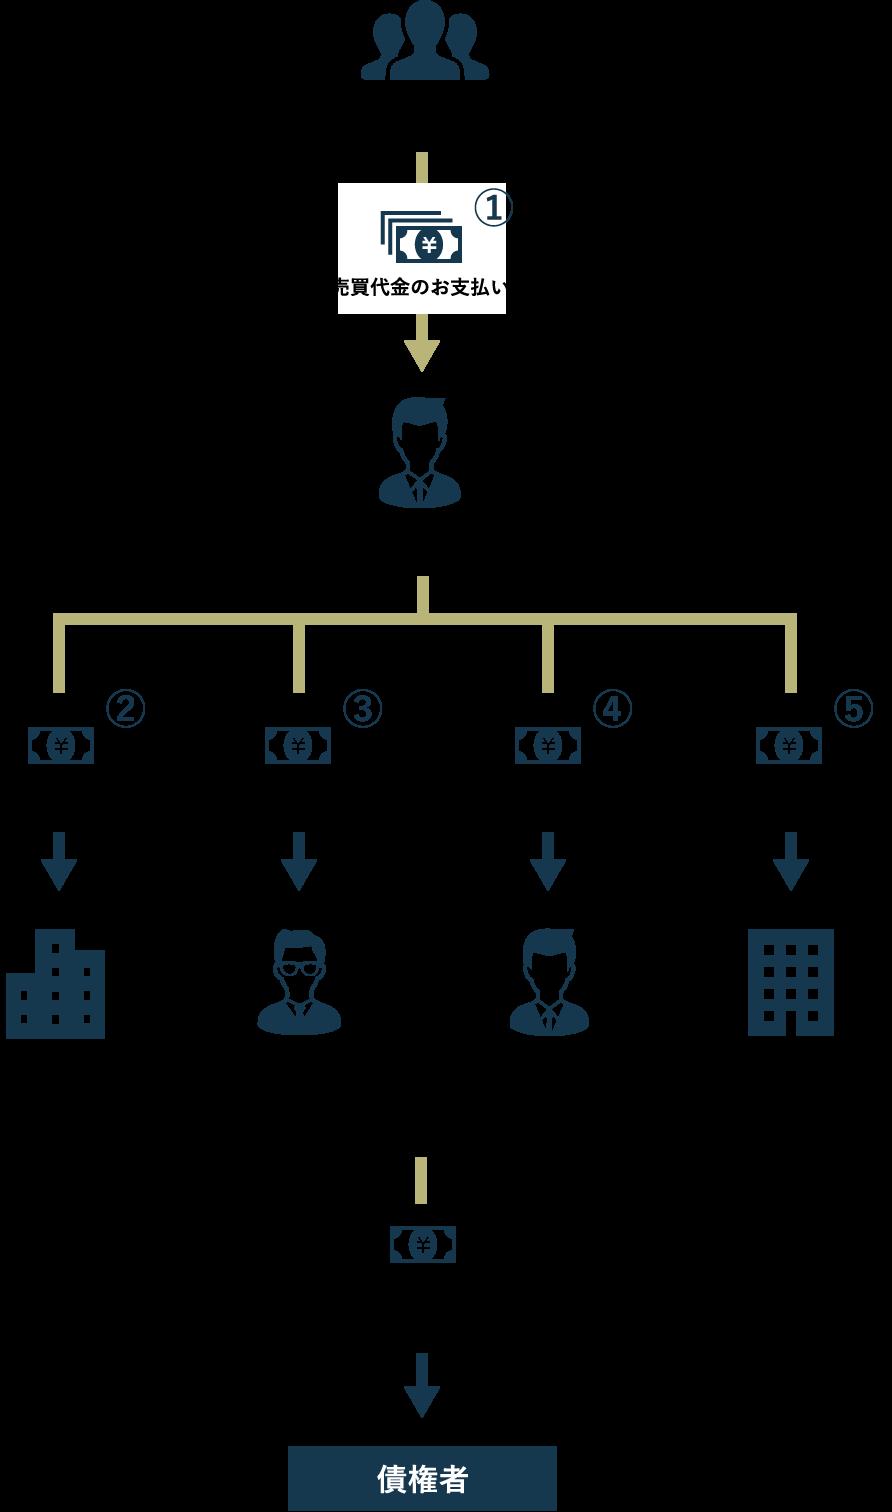 ご購入希望者様から債権者までの一連のお金の流れ説明図